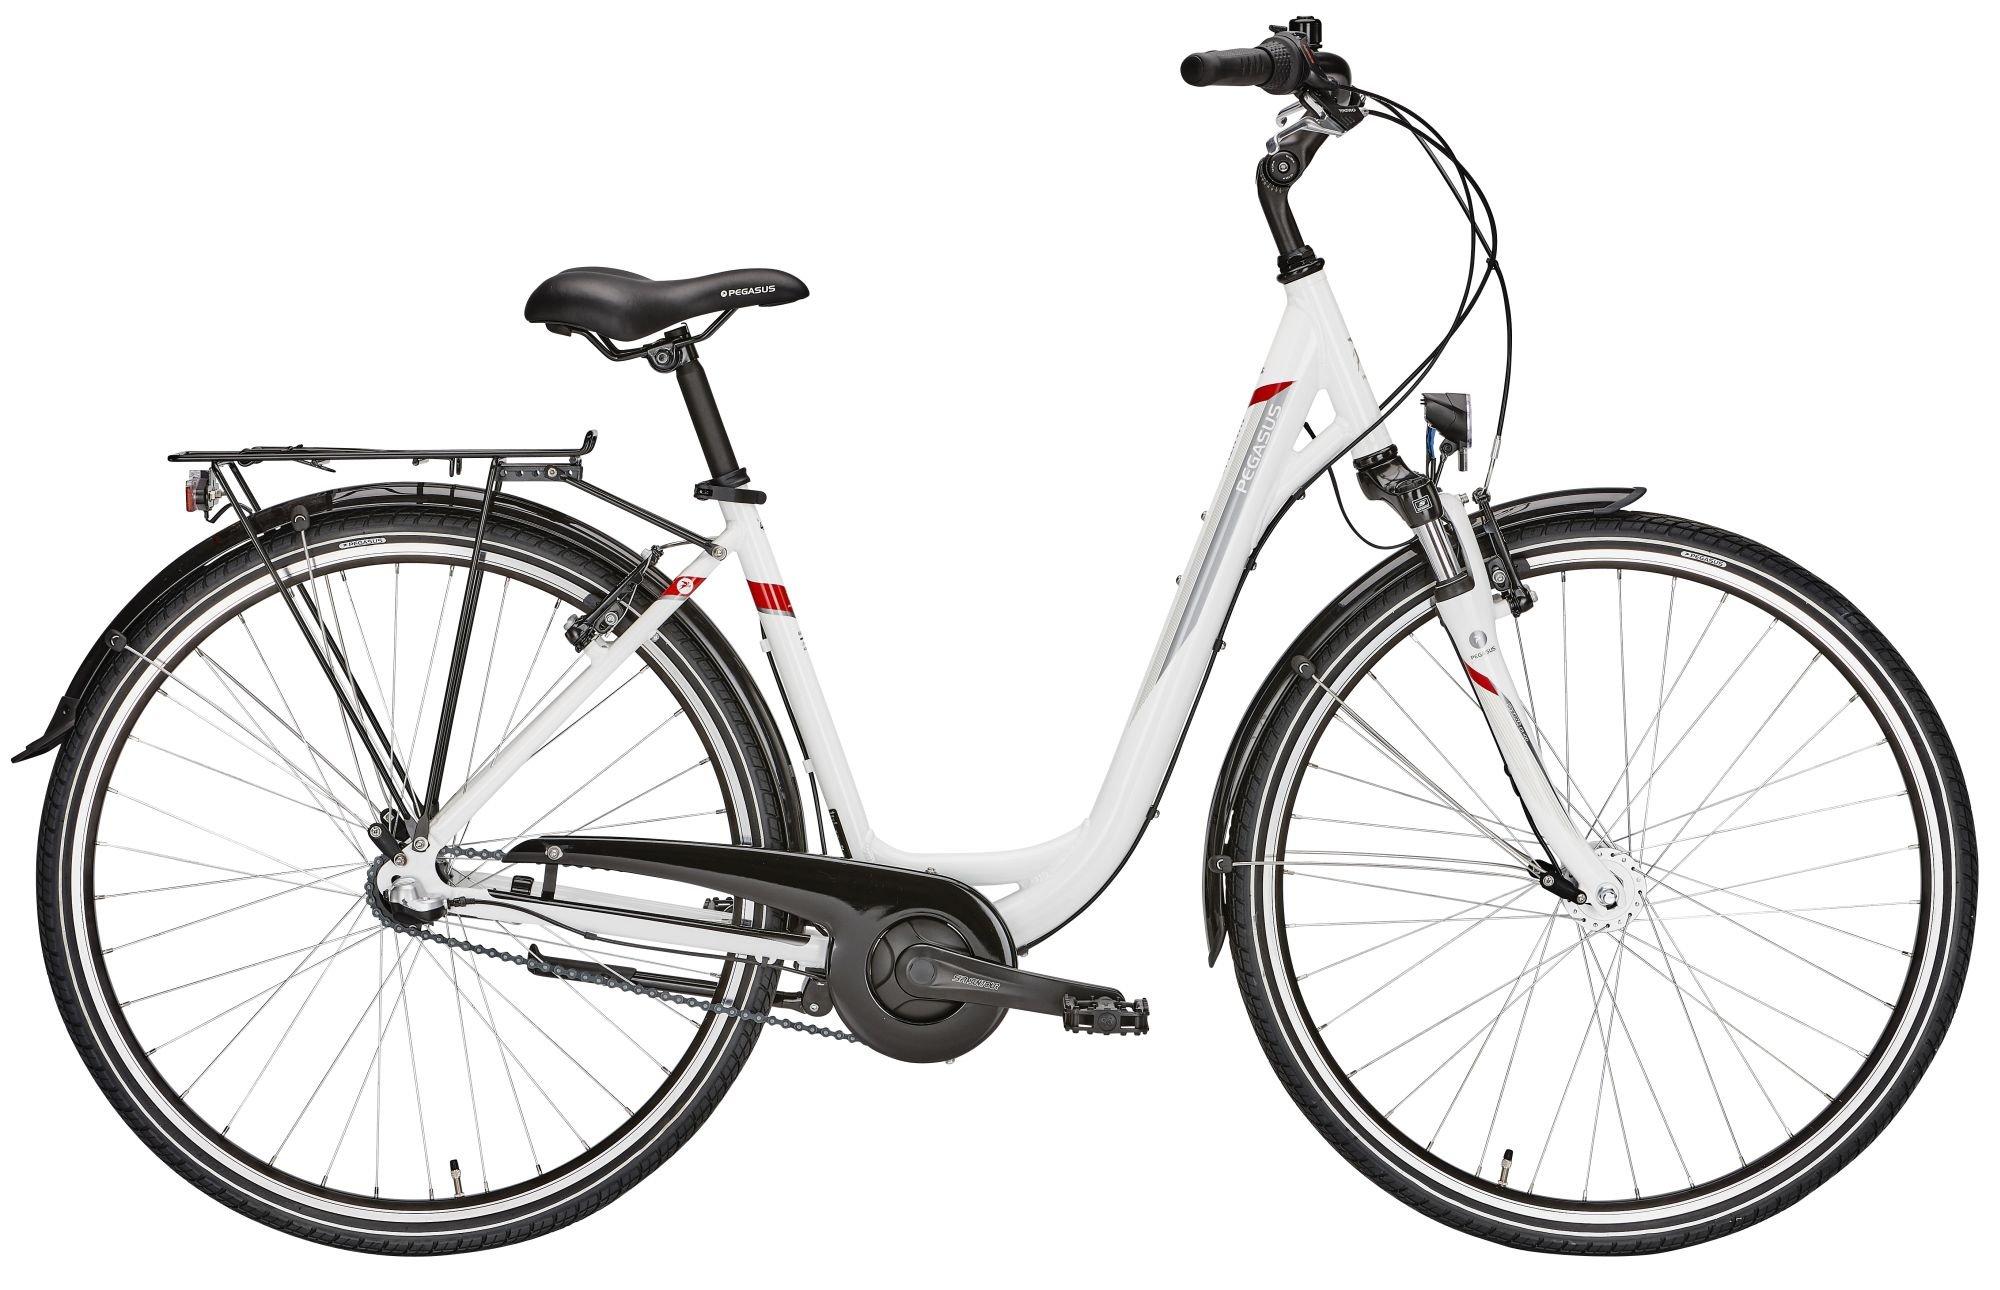 city-/tourenräder/Citybikes: Pegasus  Avanti 7  26 Zoll 7 Gang Nabenschaltung Damenfahrrad Tiefeinsteiger Modell 2020 26 Zoll 50 cm